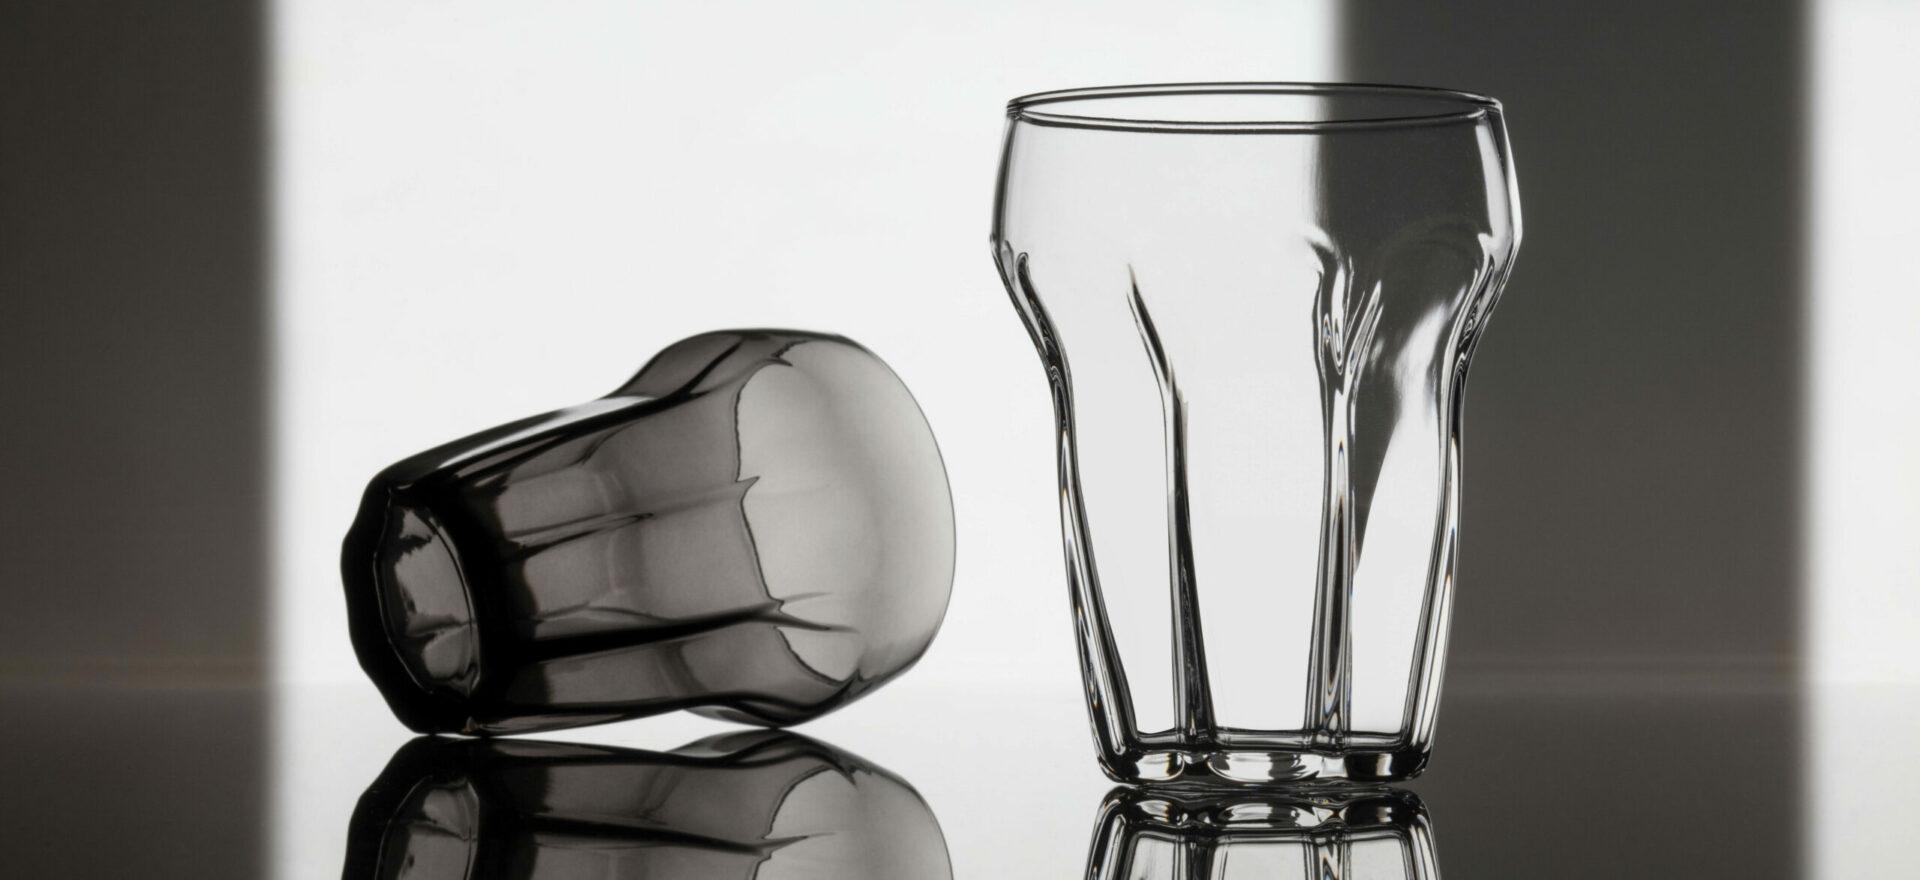 Semplice | Product Design | Glasses | Coop Italia| Mario Trimarchi Design | Ph Santi Caleca